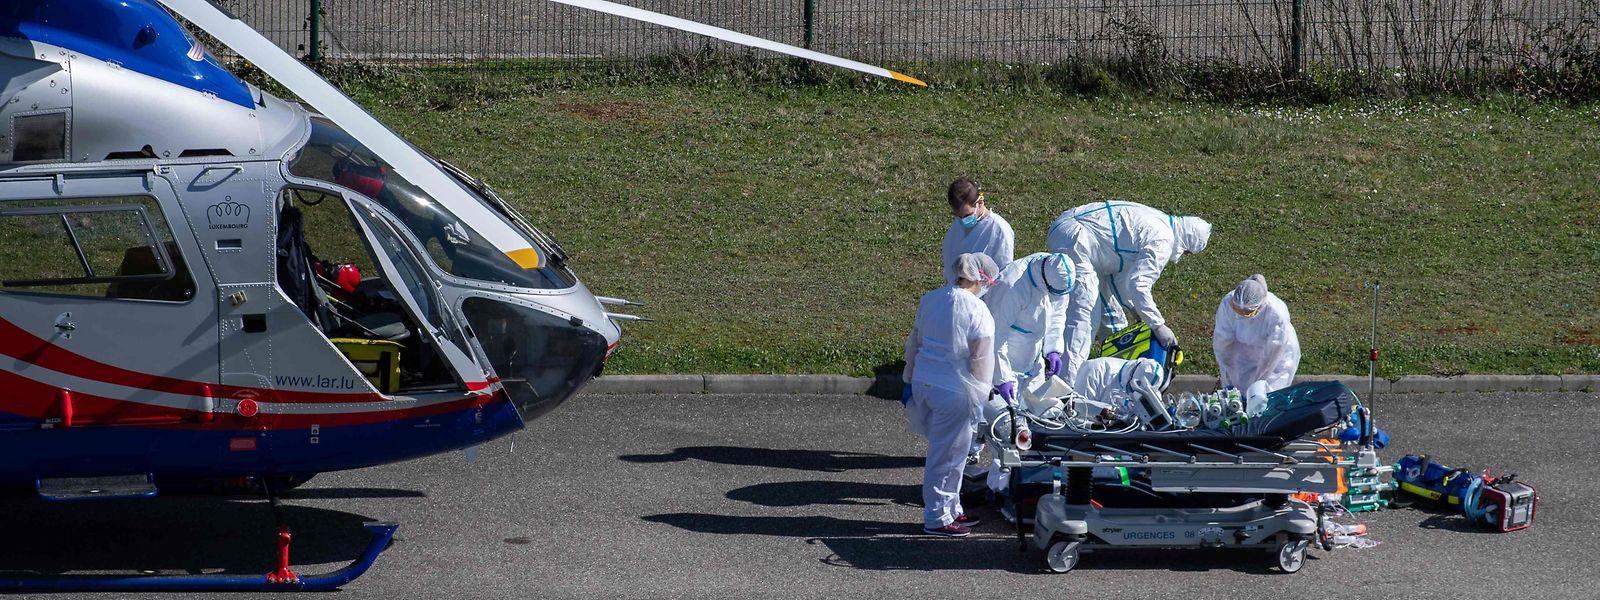 Comme ici à l'hôpital de Mulhouse, les équipes de Luxembourg Air Rescue ont été sollicitées pour la prise en charge de victimes du covid-19 depuis la France.